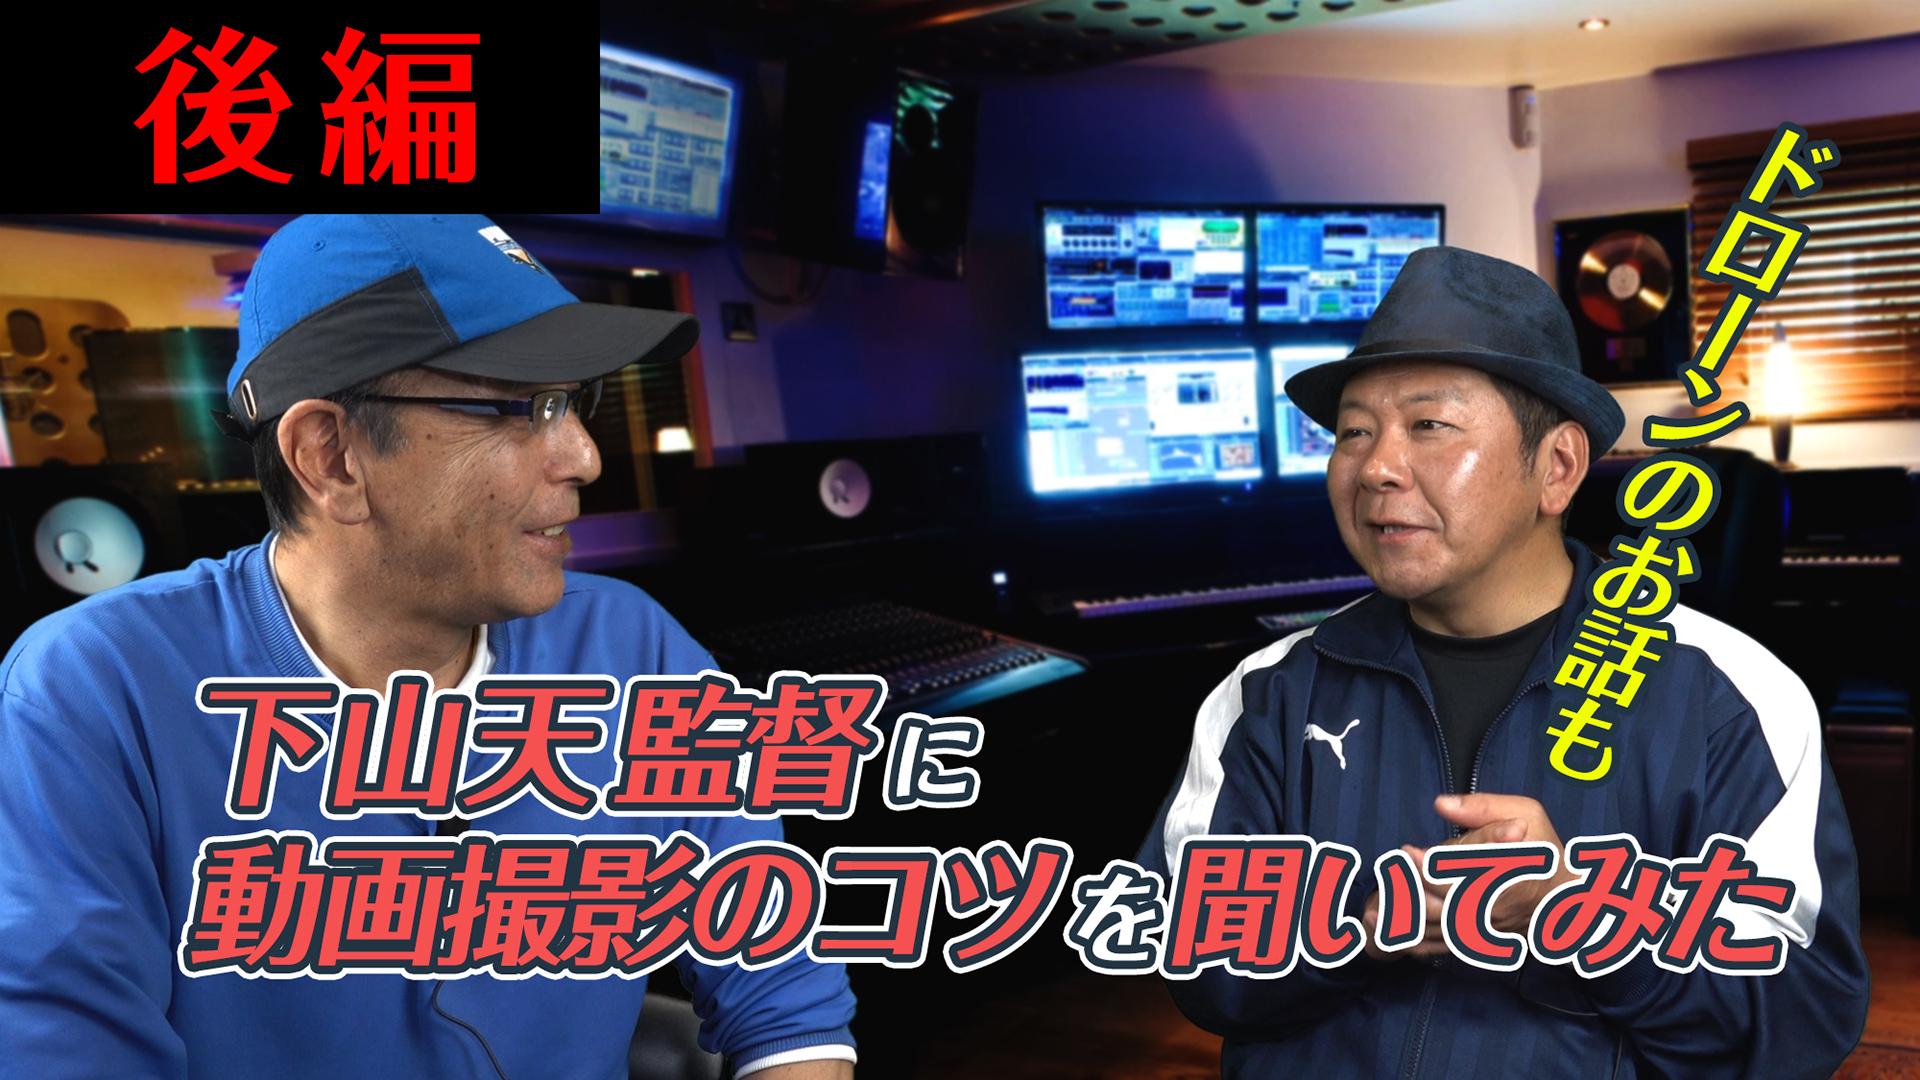 【後編】下山天監督に動画撮影のコツを聞いてみた&Marty Friedman / 負けないで、福島のドキュメンタリー映画、次回の作品でのFPVドローンの話題など